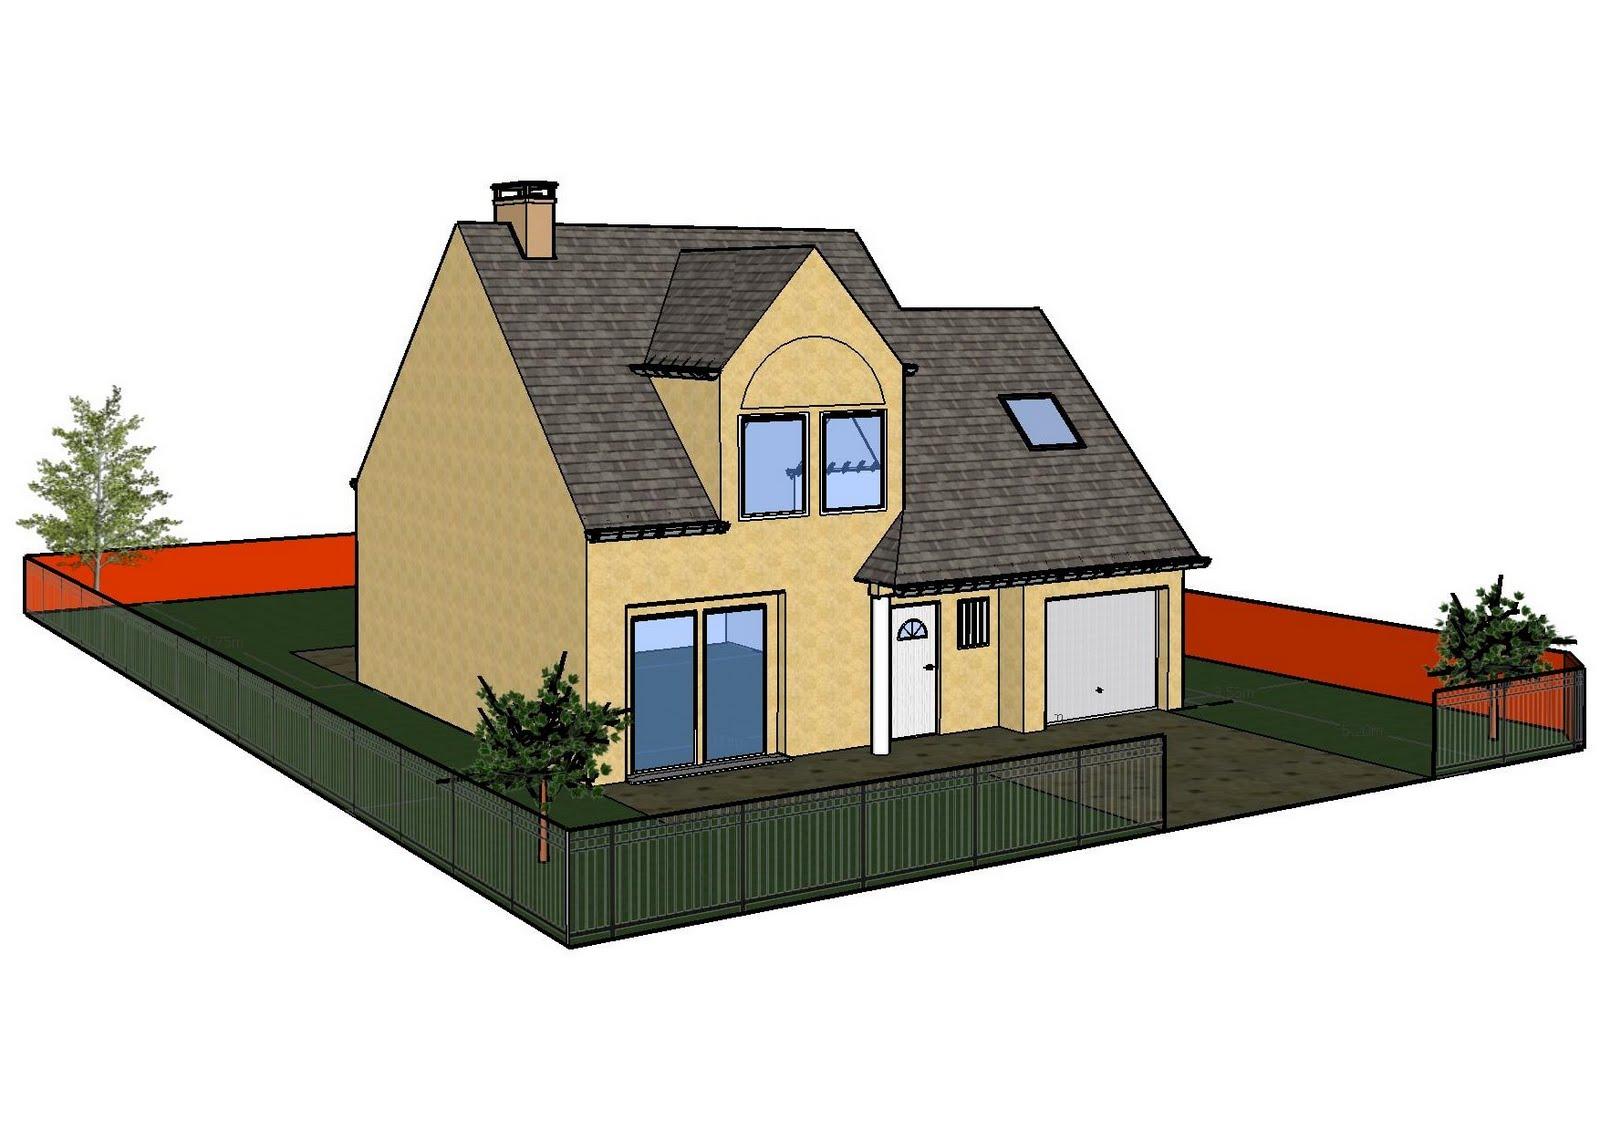 plan maison google sketchup dessiner plan maison gratuit d avec logiciel dessin maison gratuit. Black Bedroom Furniture Sets. Home Design Ideas